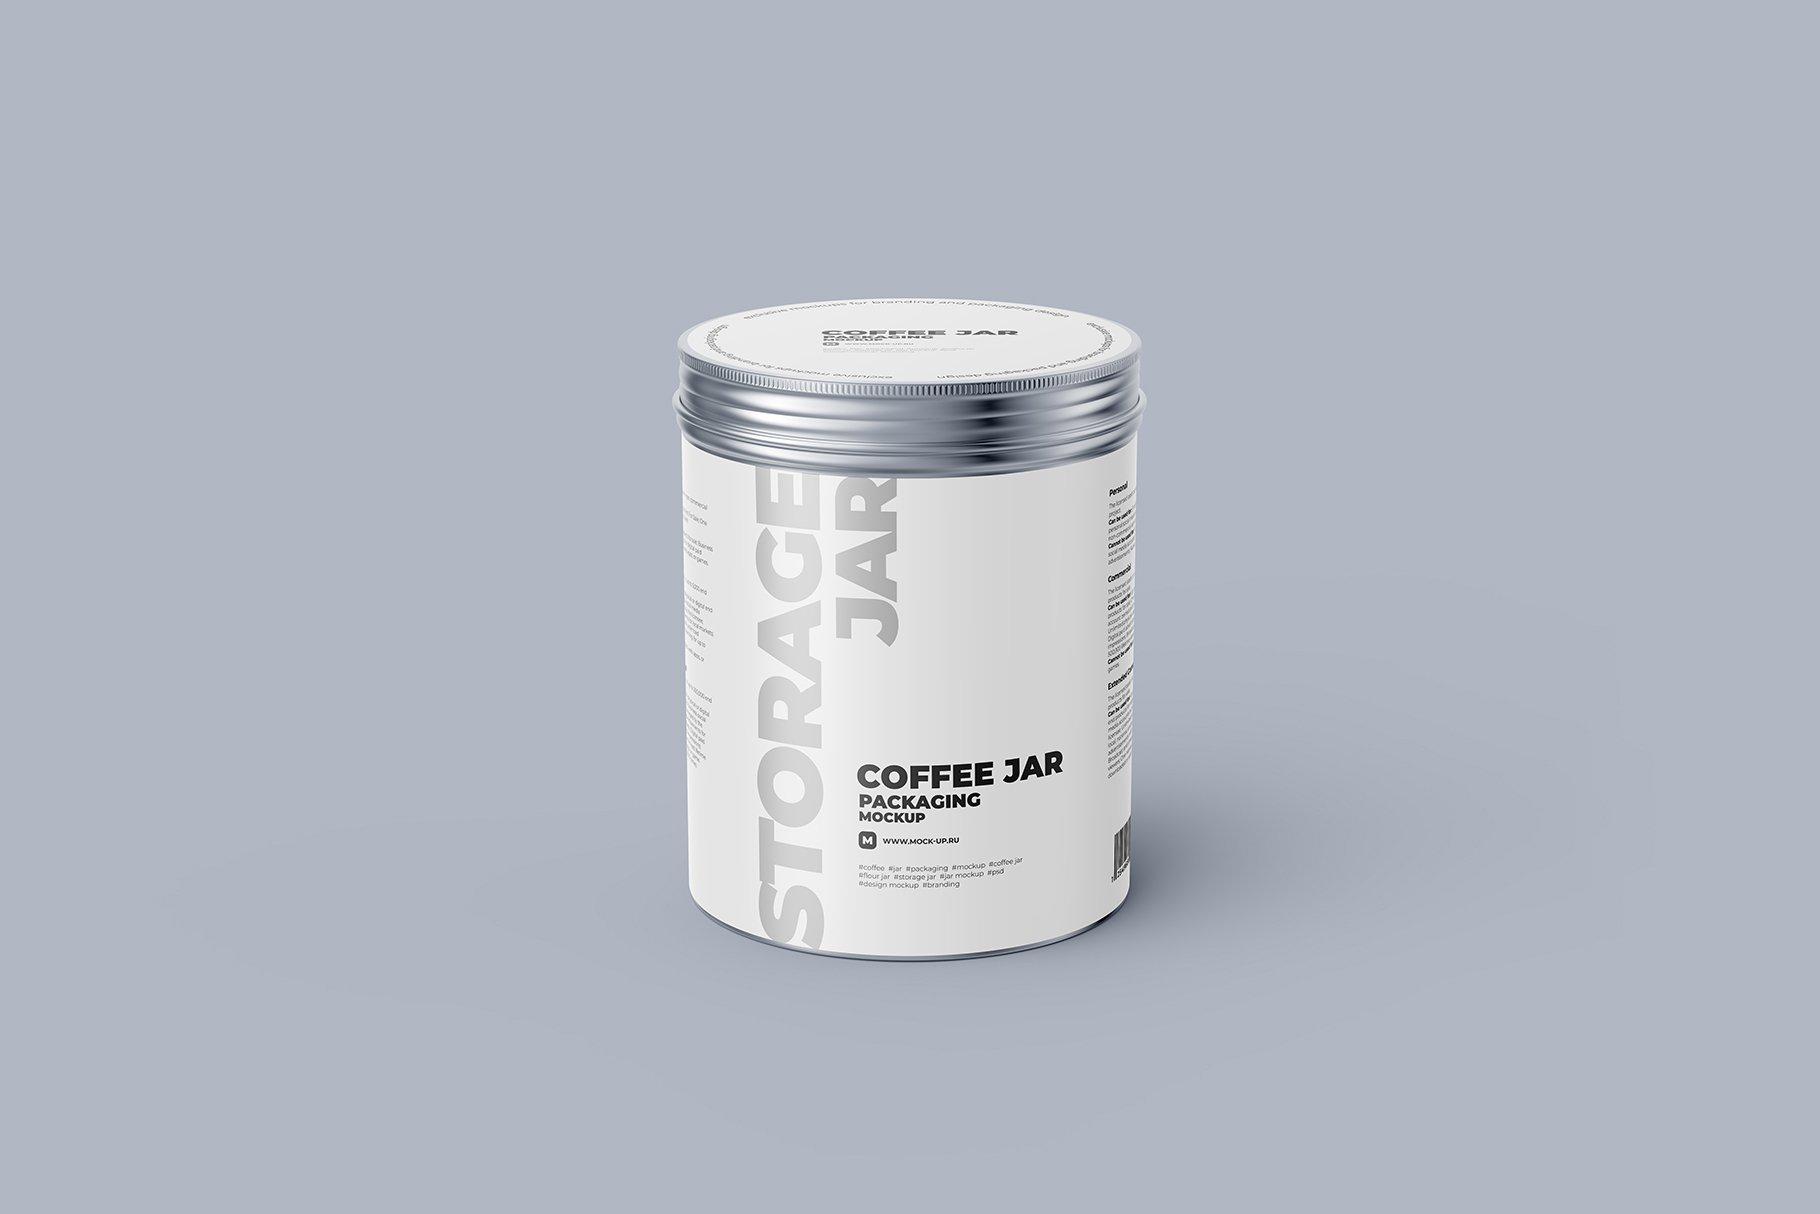 食品茶叶金属锡罐设计展示贴图样机模板 Metallic Storage Jar Angle View插图8